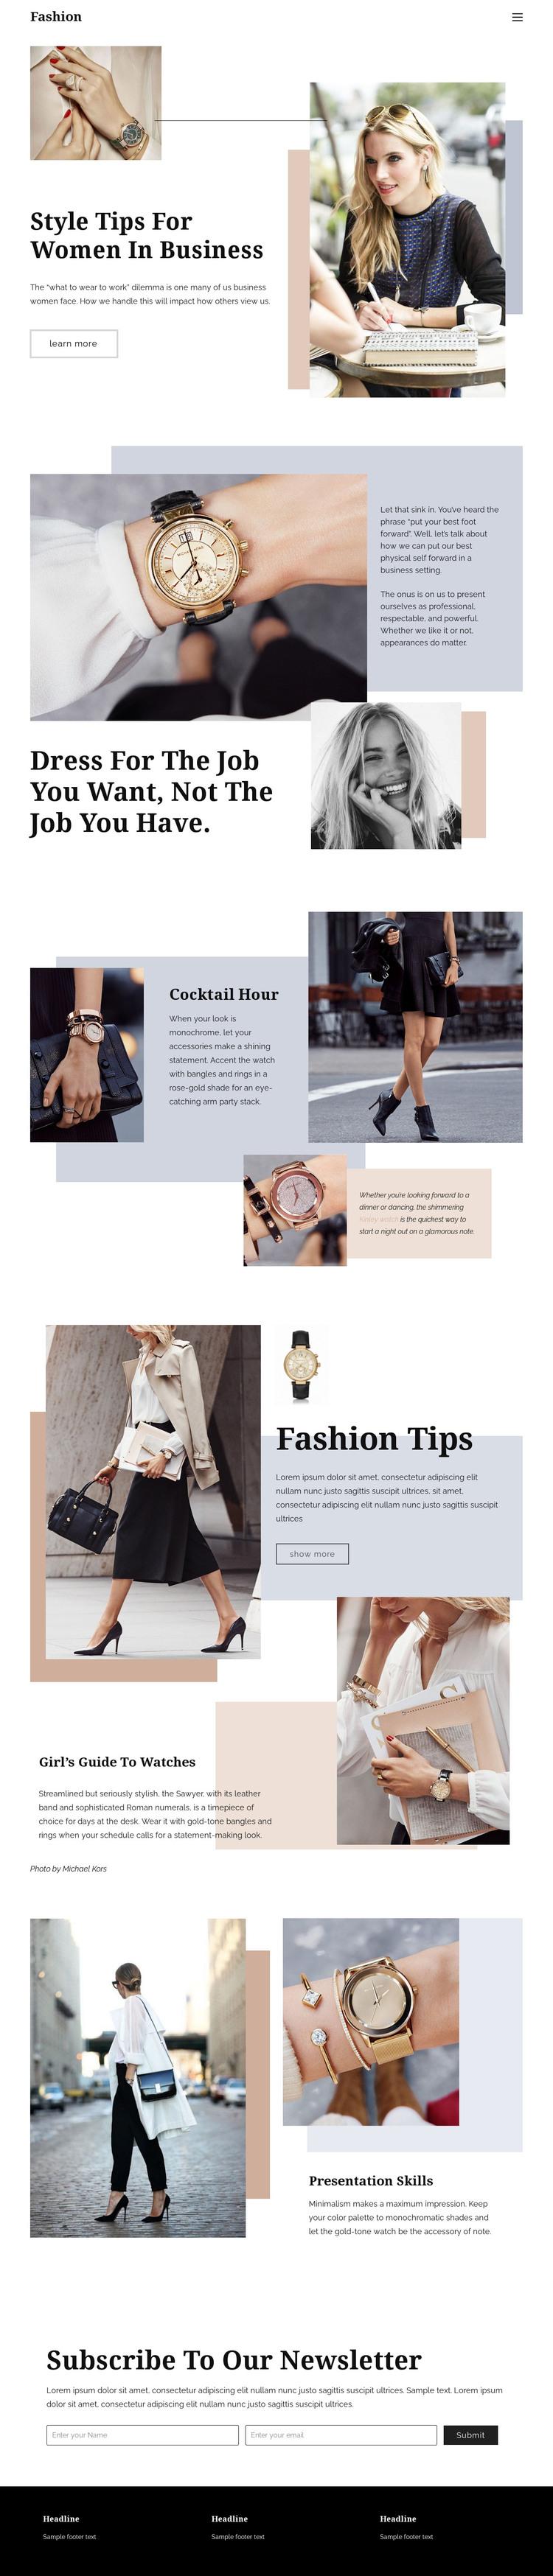 Fashion tips WordPress Theme